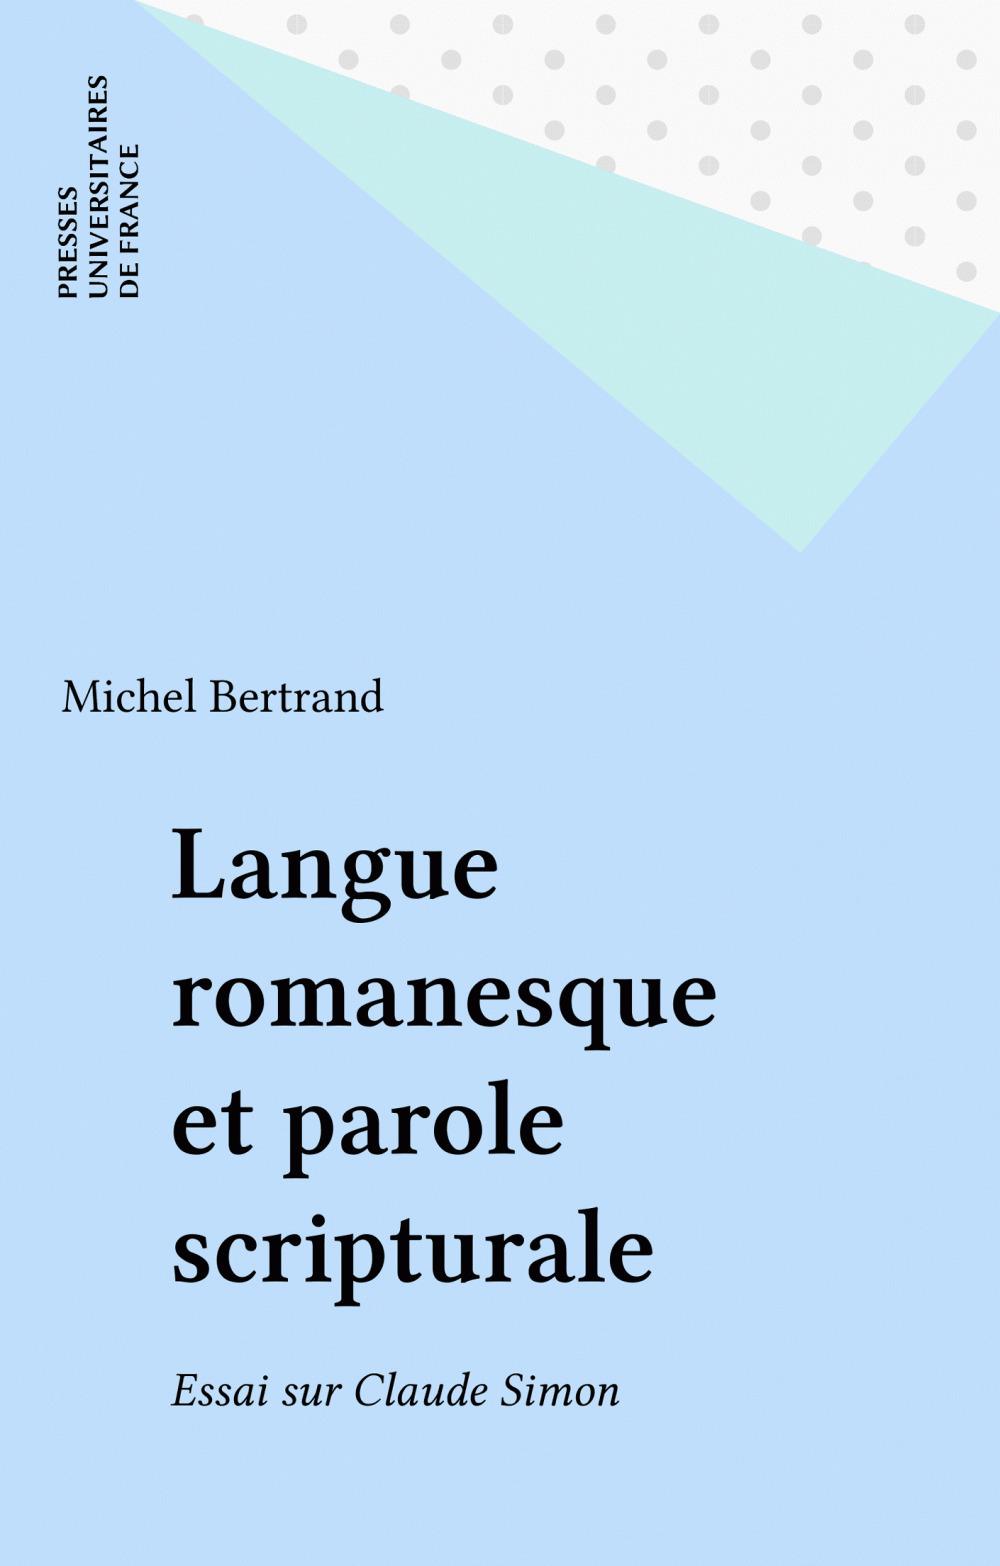 Langue romanesque et parole scripturale